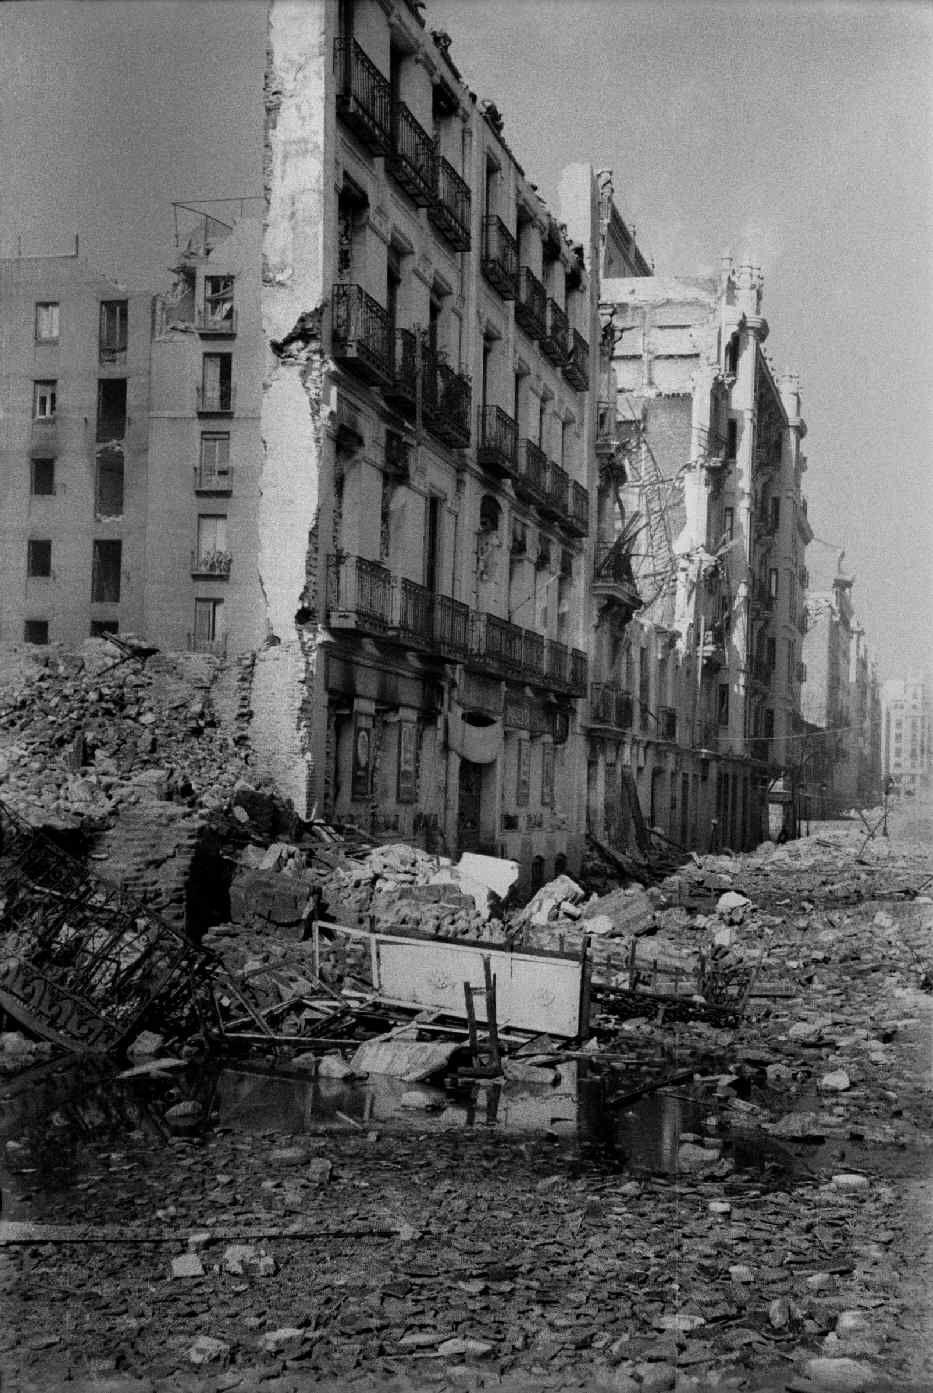 Calle mendiz bal madrid febrero de 1937 guerra civil Calle belen madrid